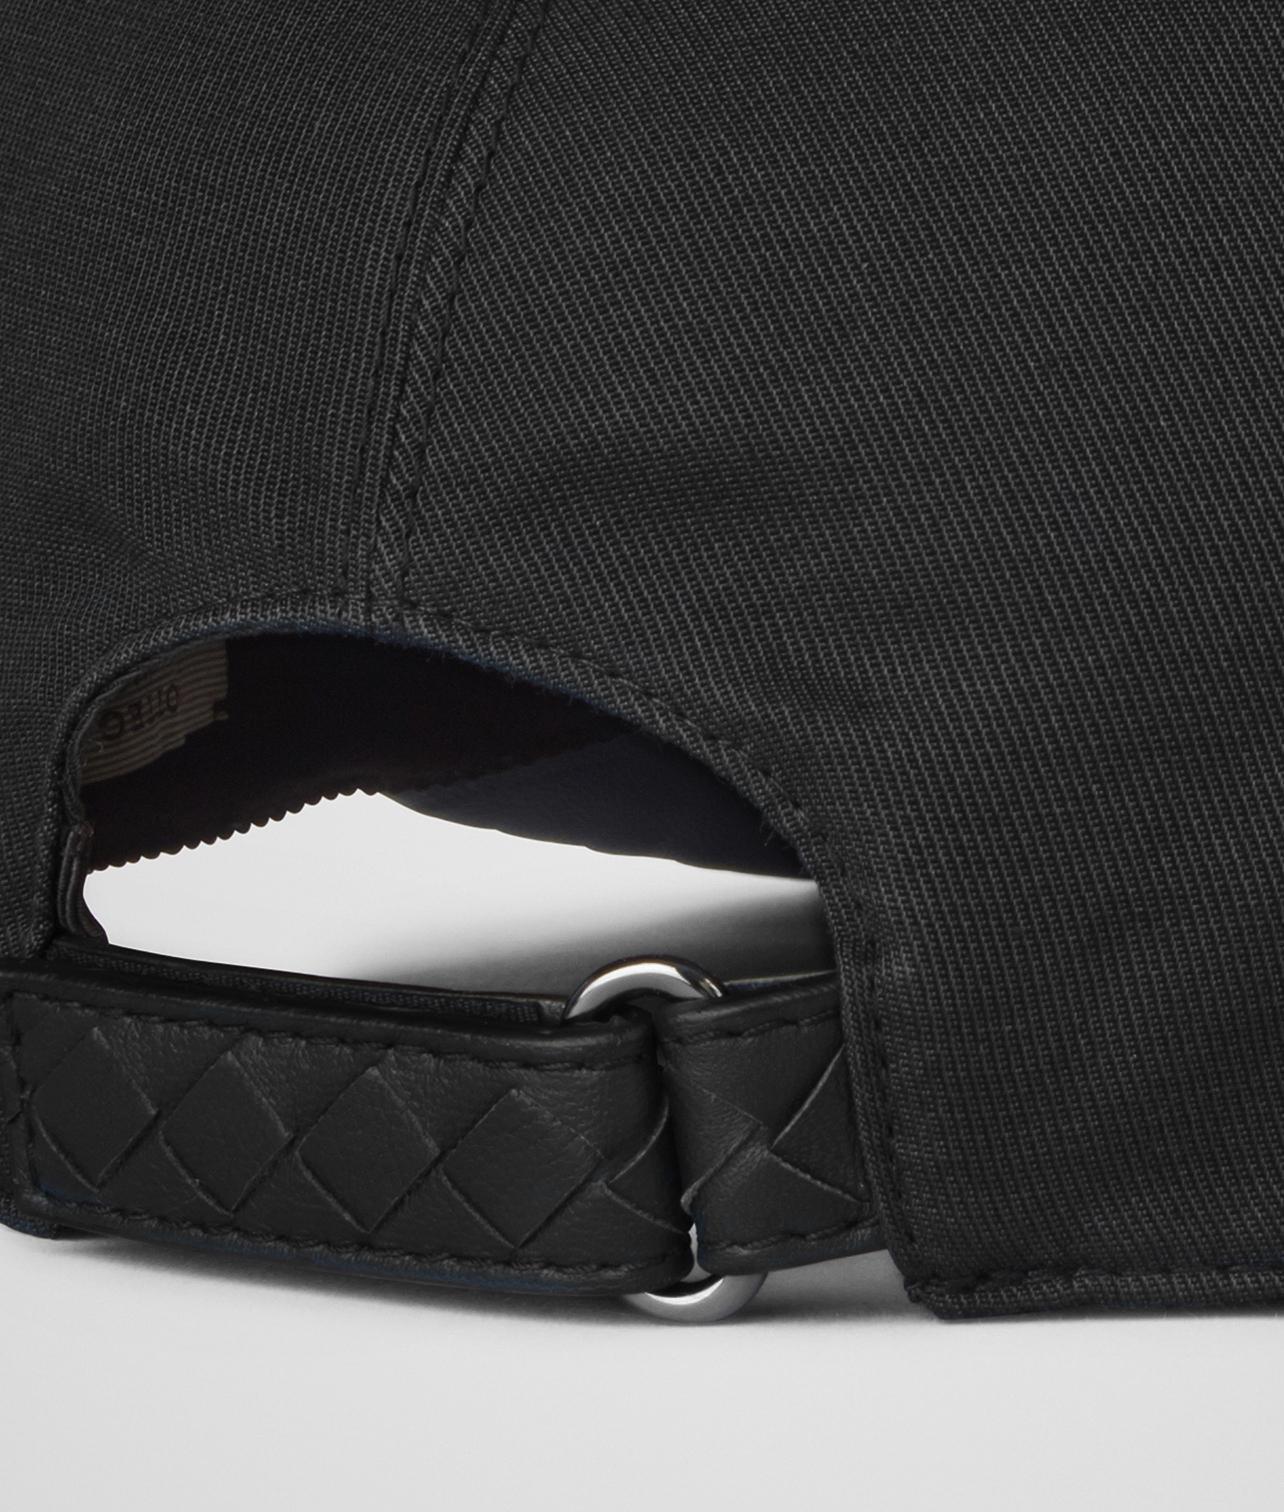 bcf3135be1d0 Lyst - Bottega Veneta Nero Cotton nappa Hat in Black for Men